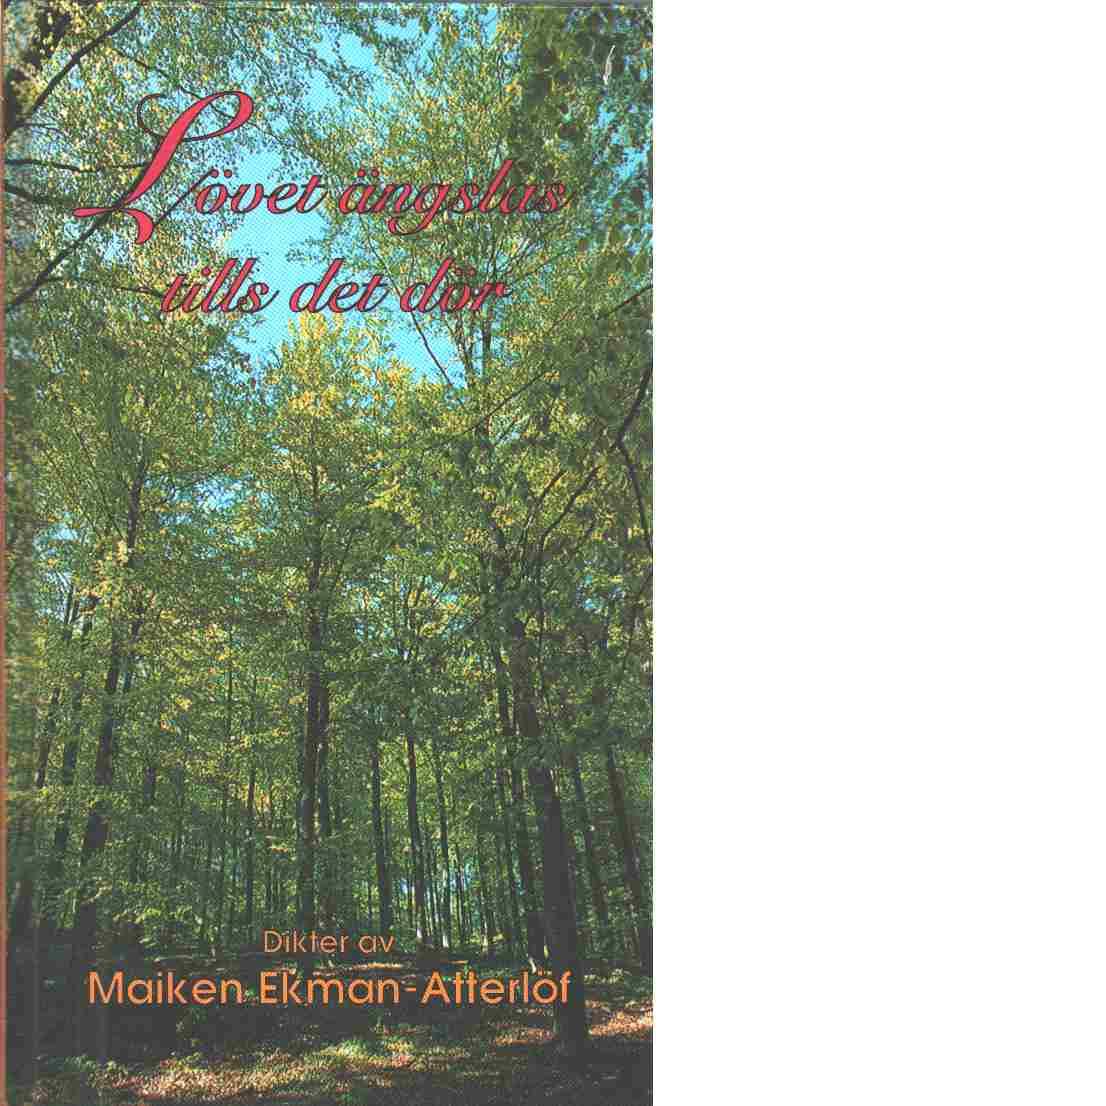 Lövet ängslas tills det dör : dikter - Ekman-Atterlöf, Maiken